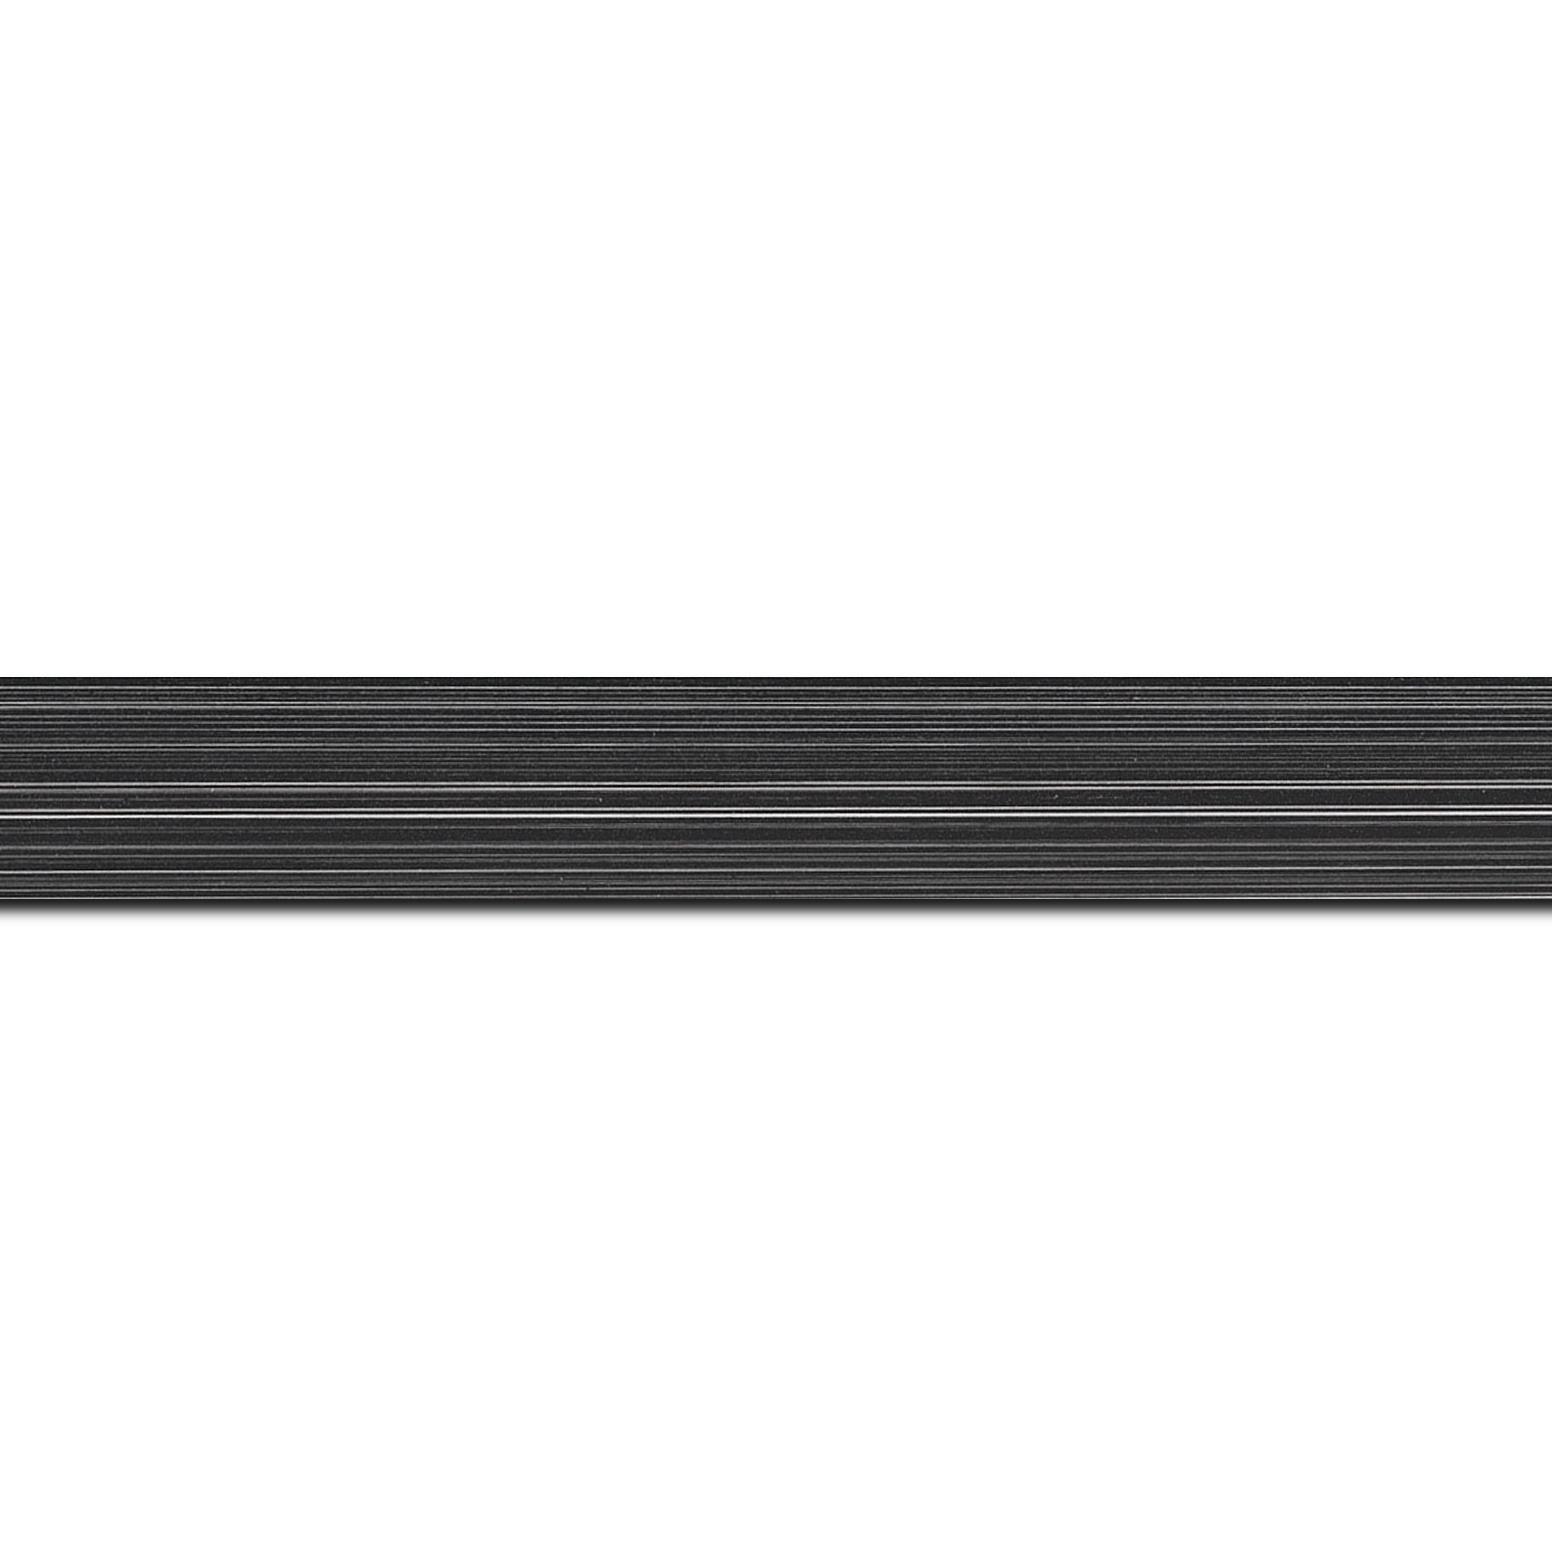 Pack par 12m, bois profil concave largeur 2.4cm couleur noir anthracite effet matière fond blanc (longueur baguette pouvant varier entre 2.40m et 3m selon arrivage des bois)